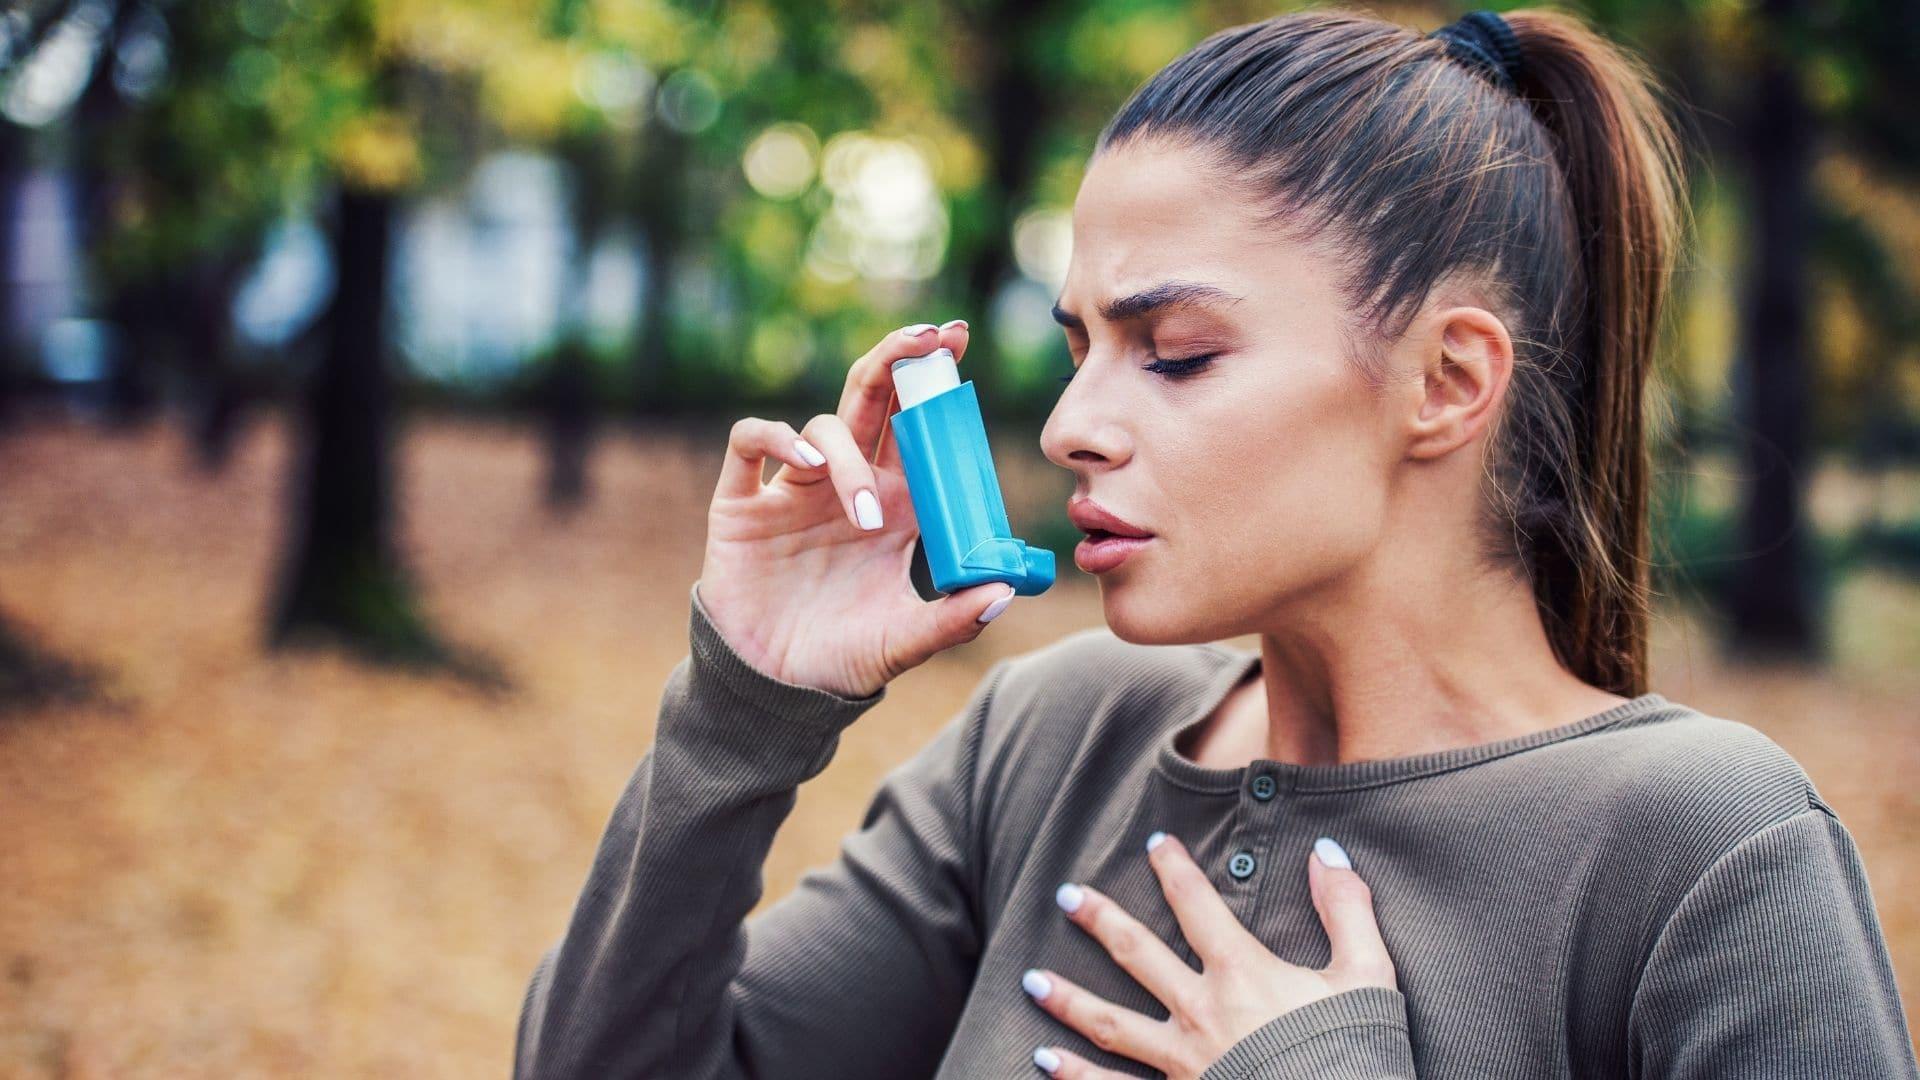 woman using an inhaler for her asthma